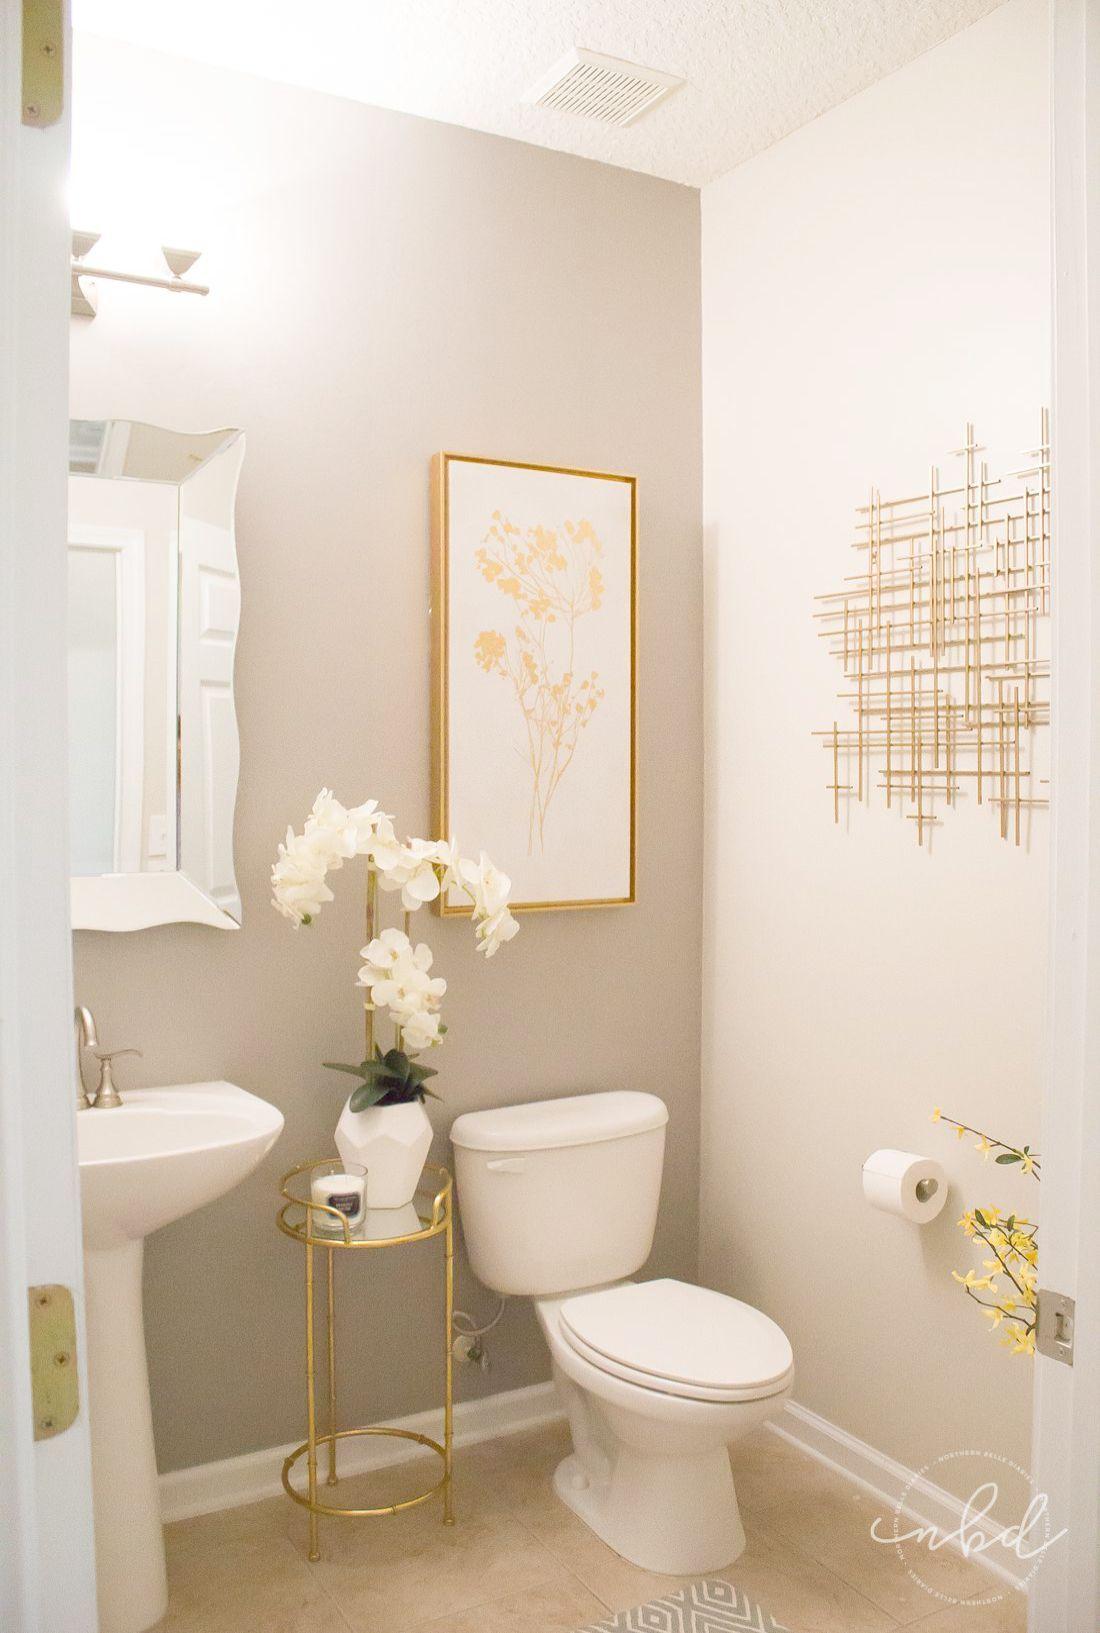 Bathroom Ceiling Ideas Pinterest Round Small Bathroom Ideas Colors Bathroom Decor On A Budget Bathroom Flo Half Bathroom Decor Restroom Decor Half Bath Decor